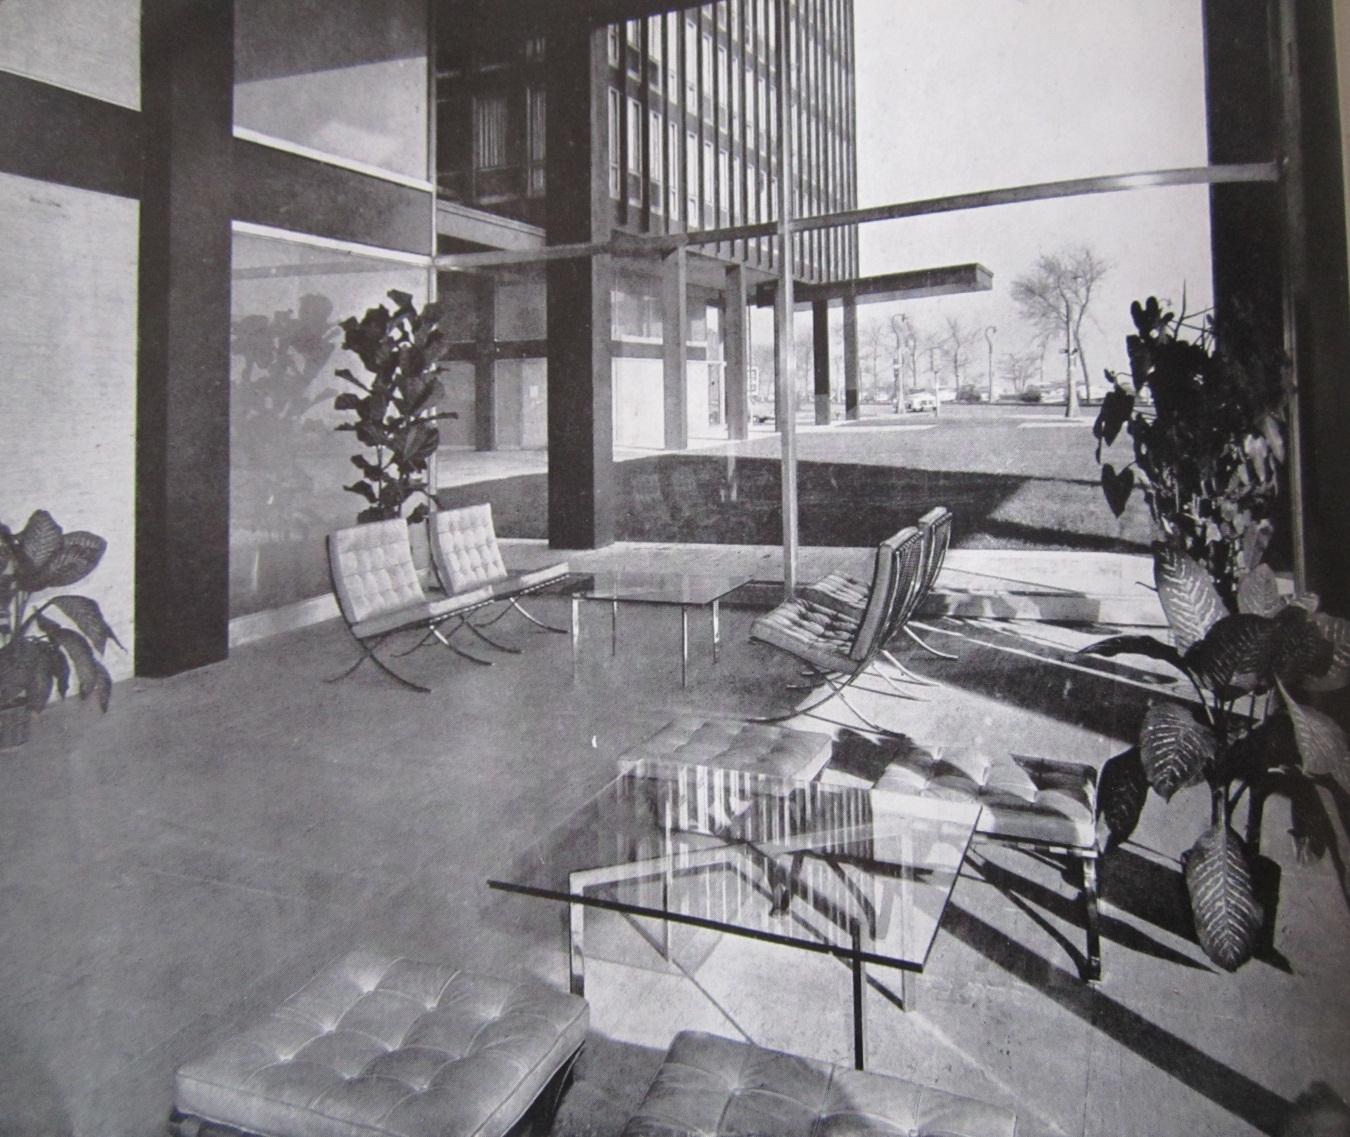 Historia De La Arquitectura Moderna Viviendas 860 De Lake